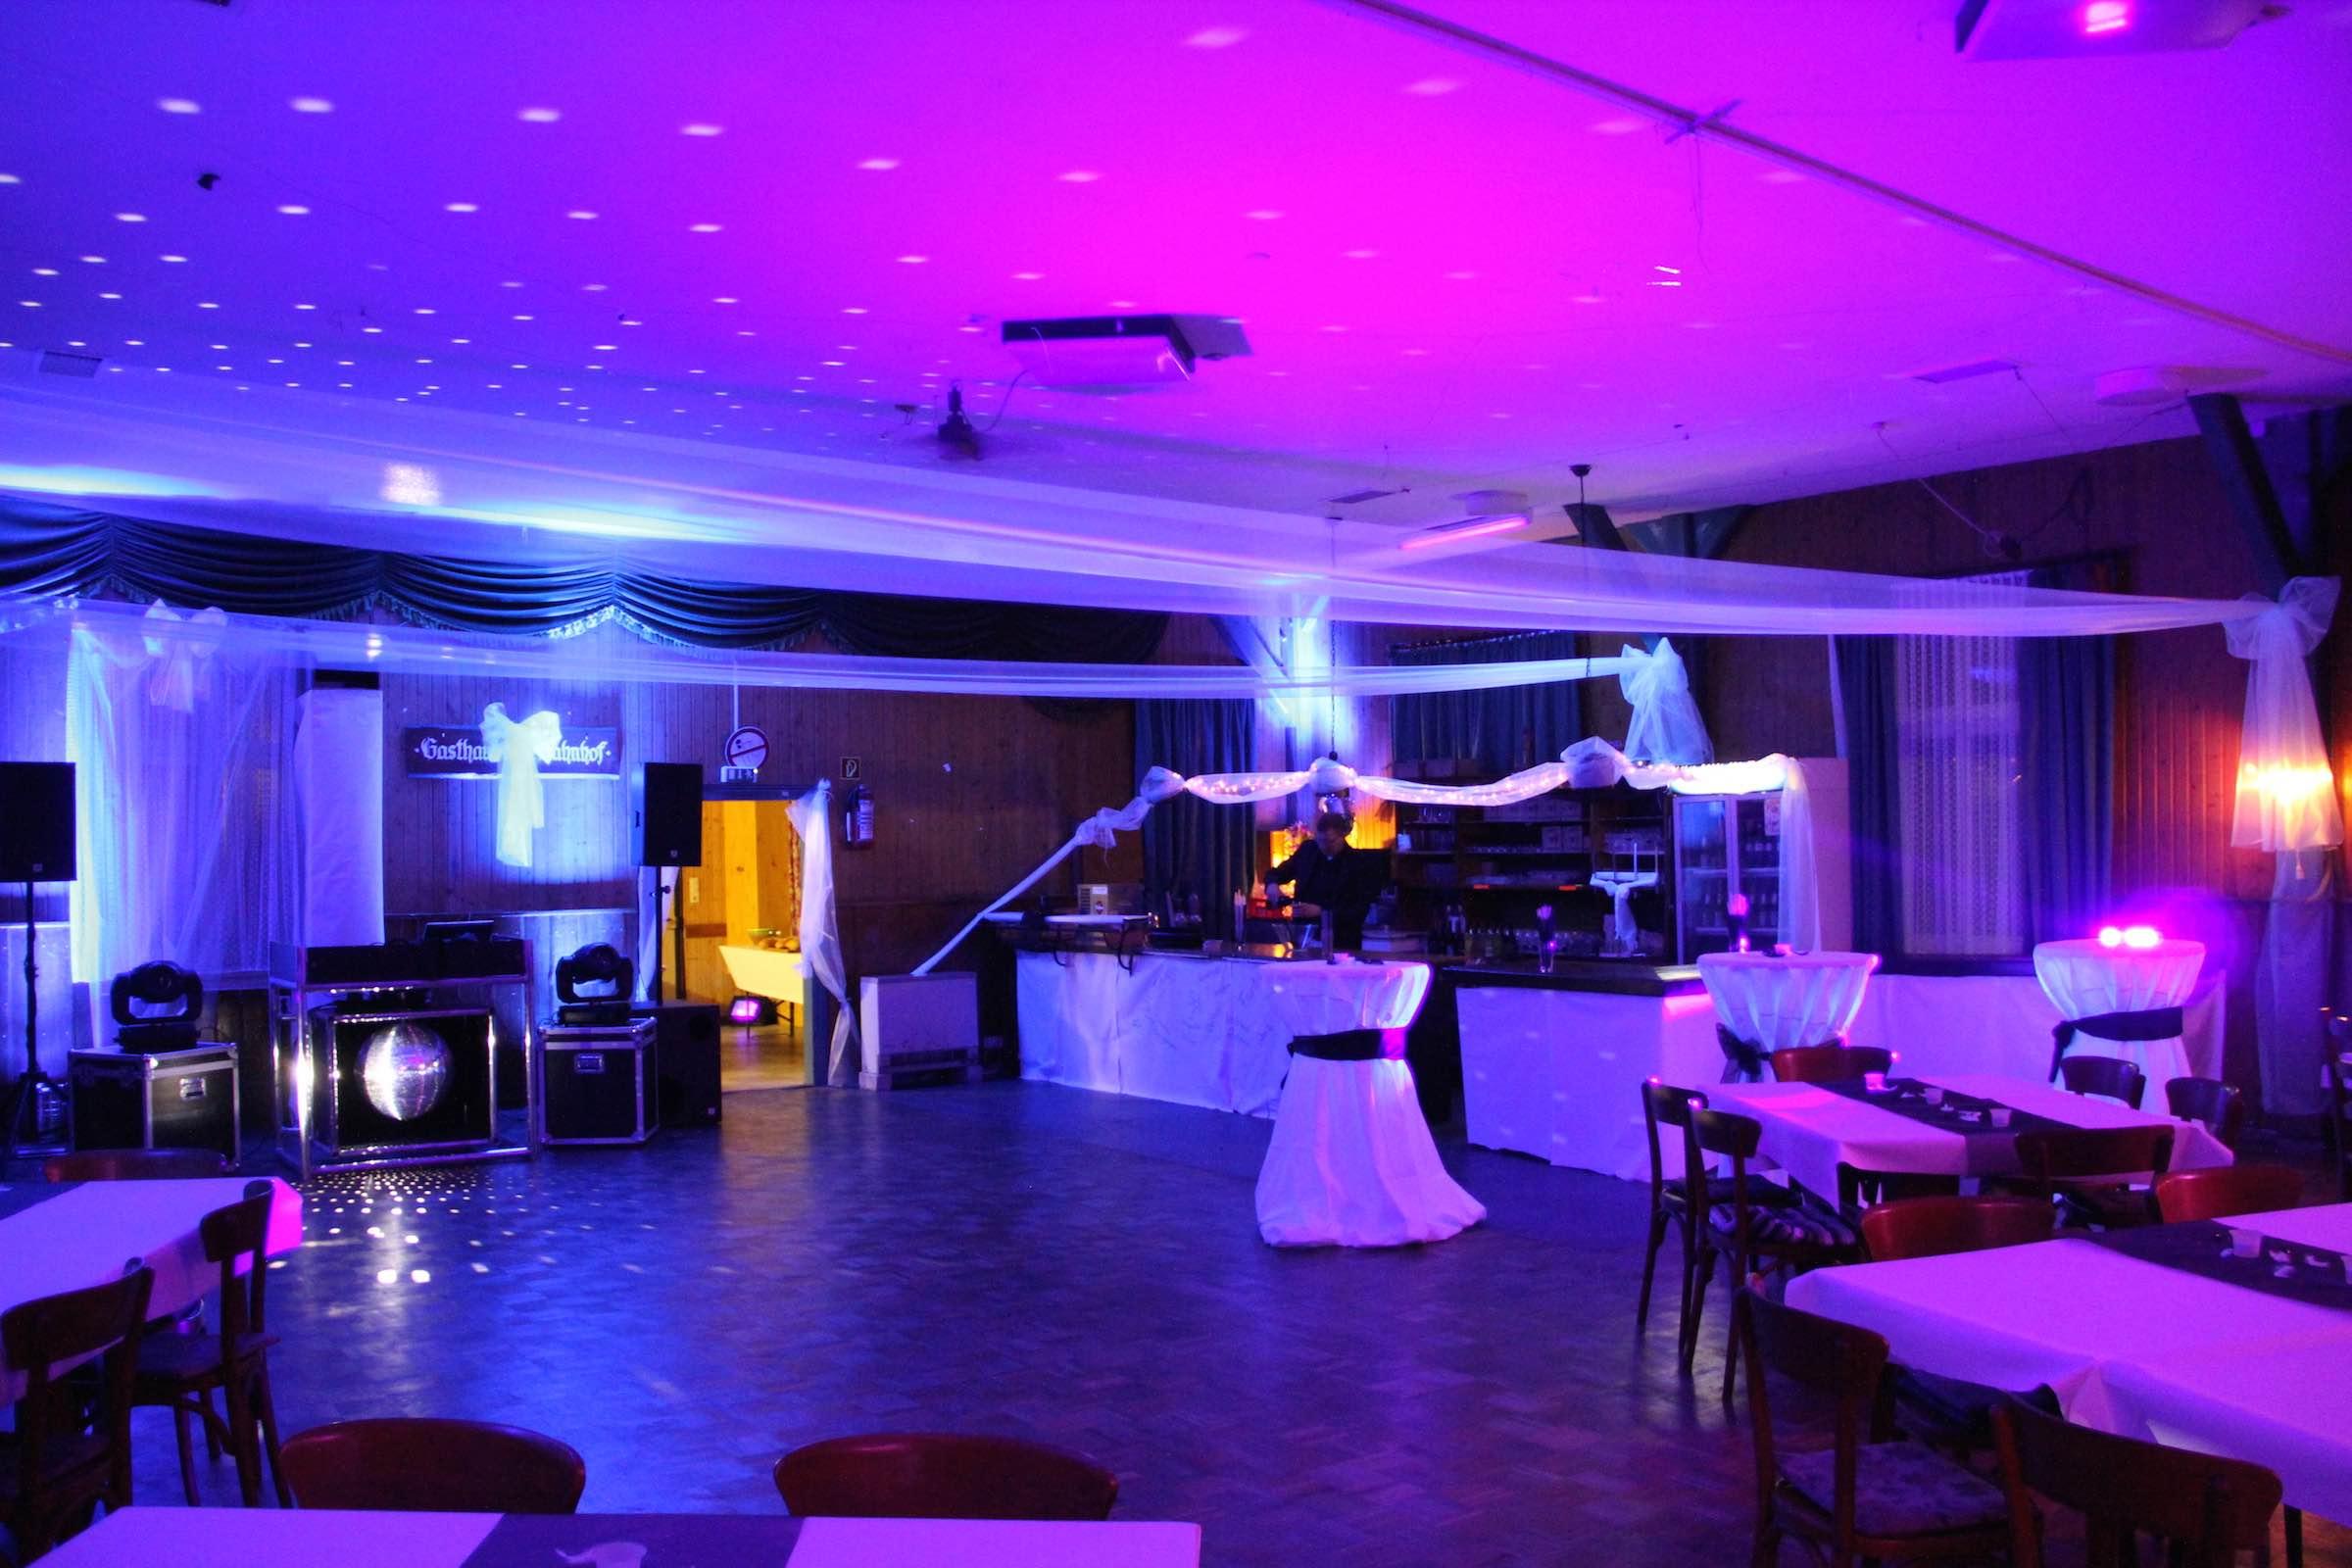 Raumbeleuchtung |Beleuchtung |Hochzeit |Firmenfeier |Messestand |LED |Akku |Spot |Scheinwerfer |Mieten |Buchen |Ambientebeleuchtung |Lehmann |Eventservice